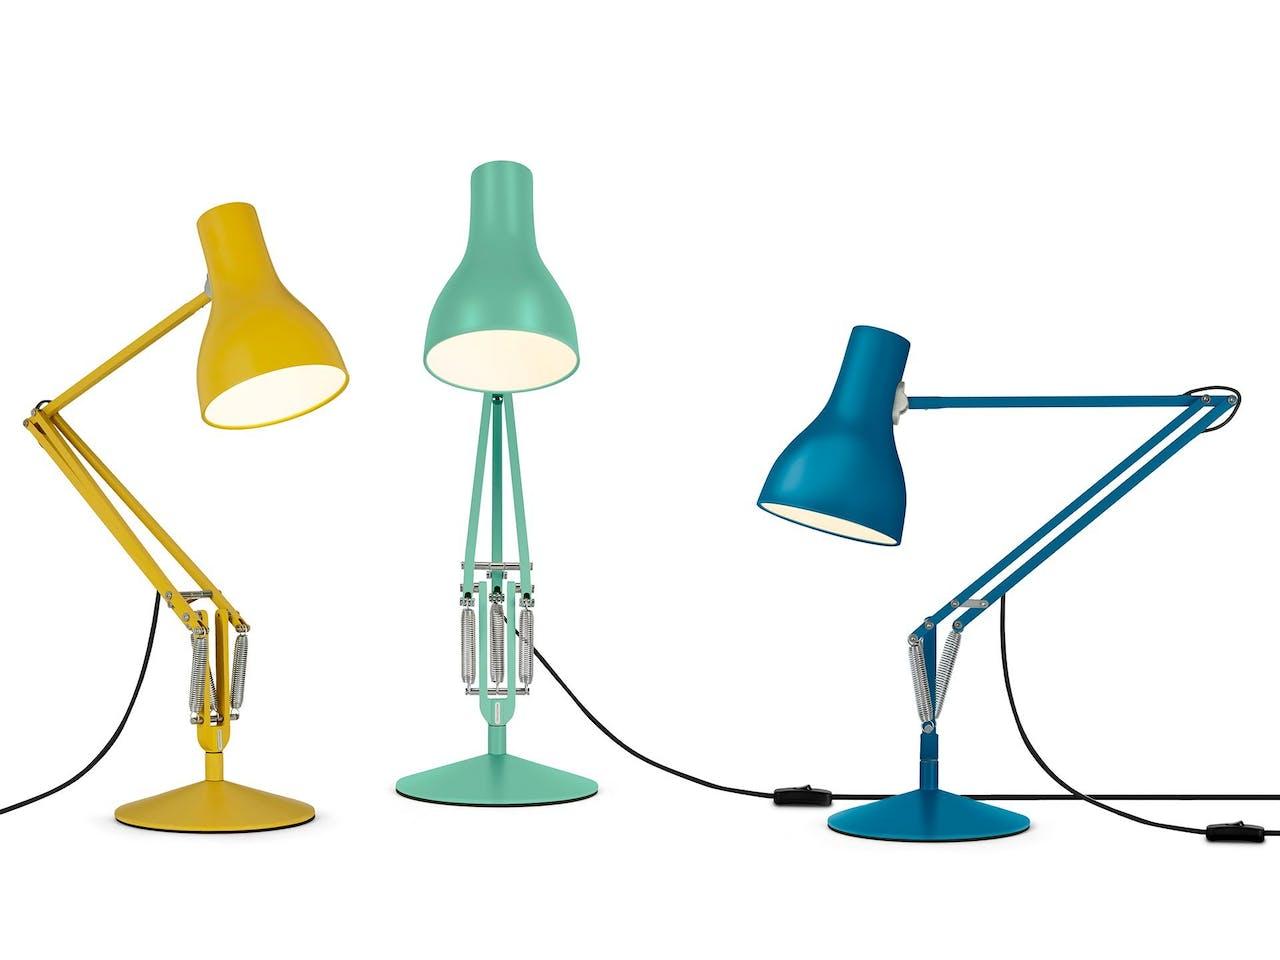 Arbeitsplatzleuchte L-1 Le Corbusier, inkl. Fuß, für Glühlampen bis 40 W, rouge rubia